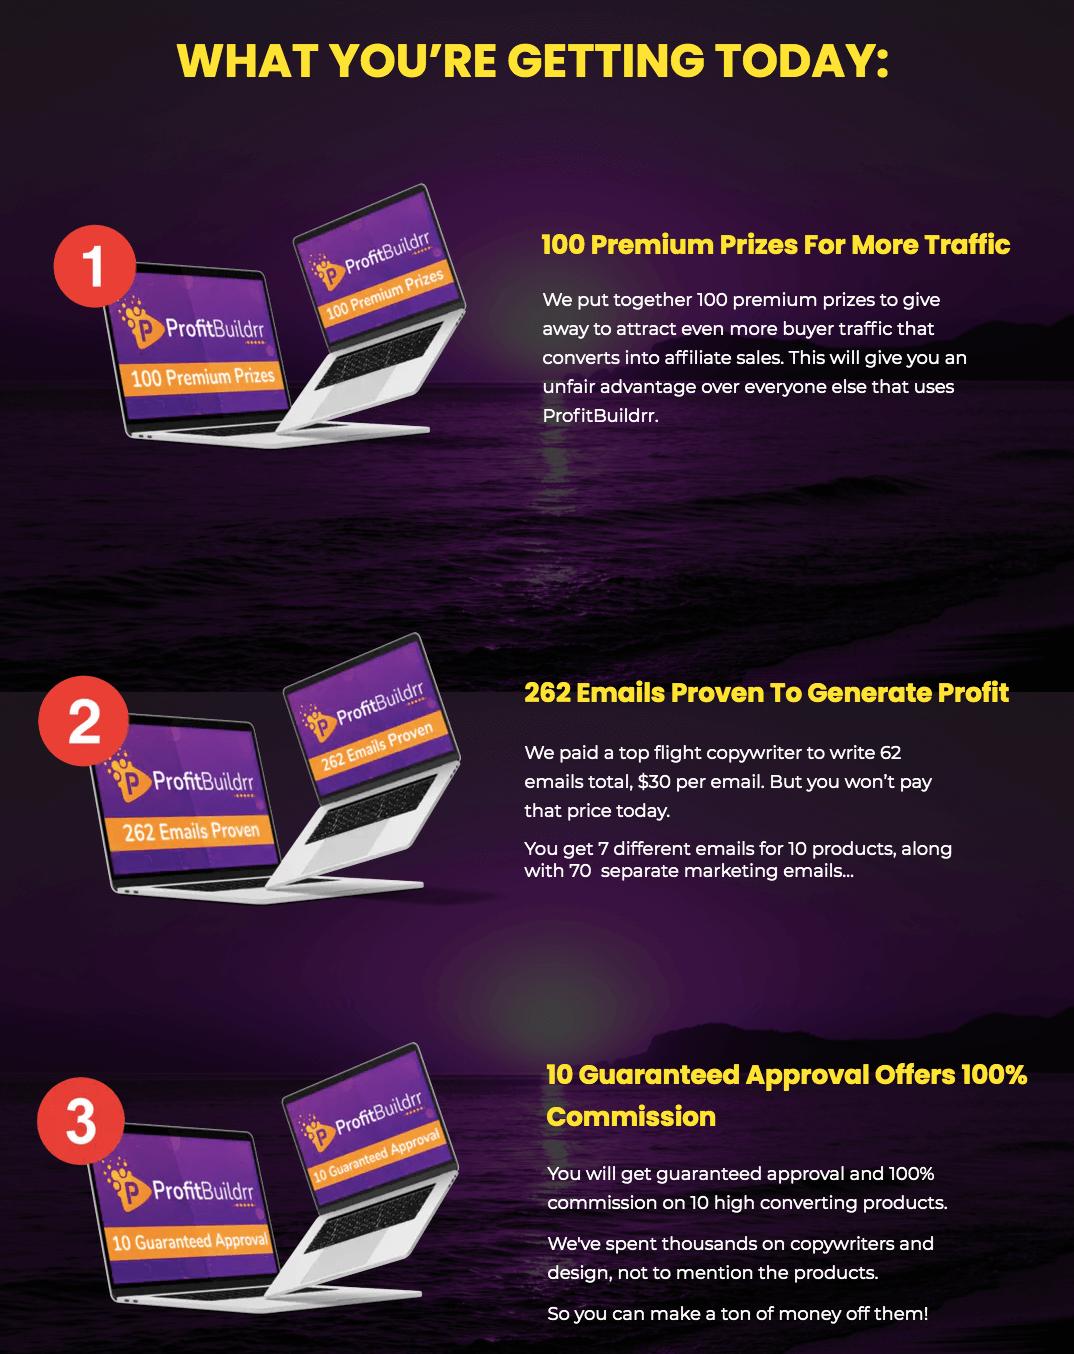 ProfitBuildrr-OTO-3-features